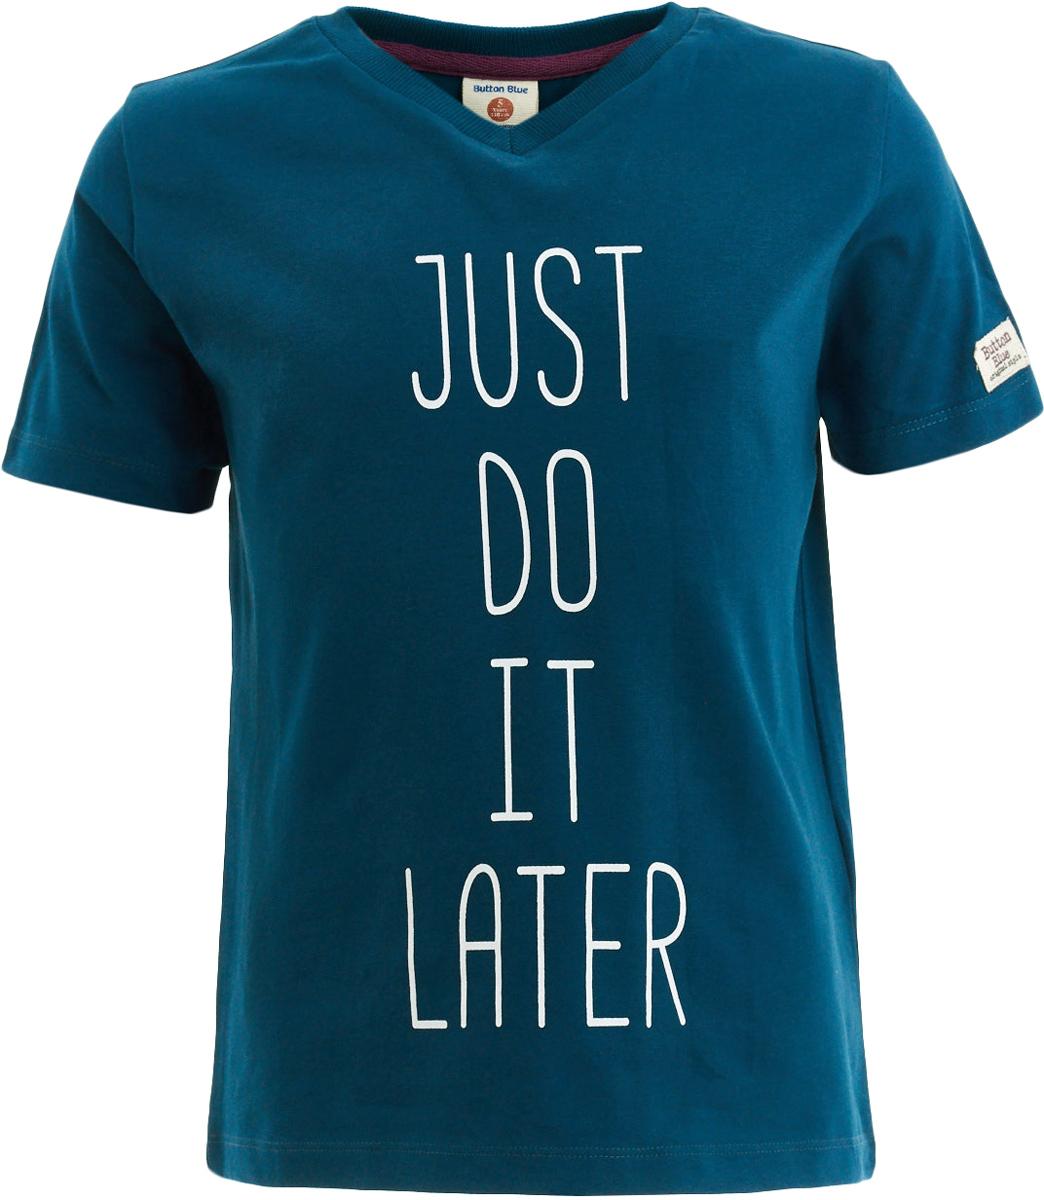 Футболка для мальчика Button Blue, цвет: темно-зеленый. 217BBBC12010500. Размер 98, 3 года217BBBC12010500Футболка с коротким рукавом - основная составляющая детского гардероба. Дети быстро растут и часто меняют свои предпочтения, поэтому всем практичным родителям надо приобретать детские футболки недорого, чтобы обеспечить ребенку должное разнообразие. Если вы хотите купить недорогую детскую футболку, модель от Button Blue - прекрасный вариант. Интересная футболка с принтом выглядит ярко, свежо и привлекательно. Она подарит прекрасный внешний вид и комфорт, а также возможность экспериментировать, создавая модные многослойные решения.